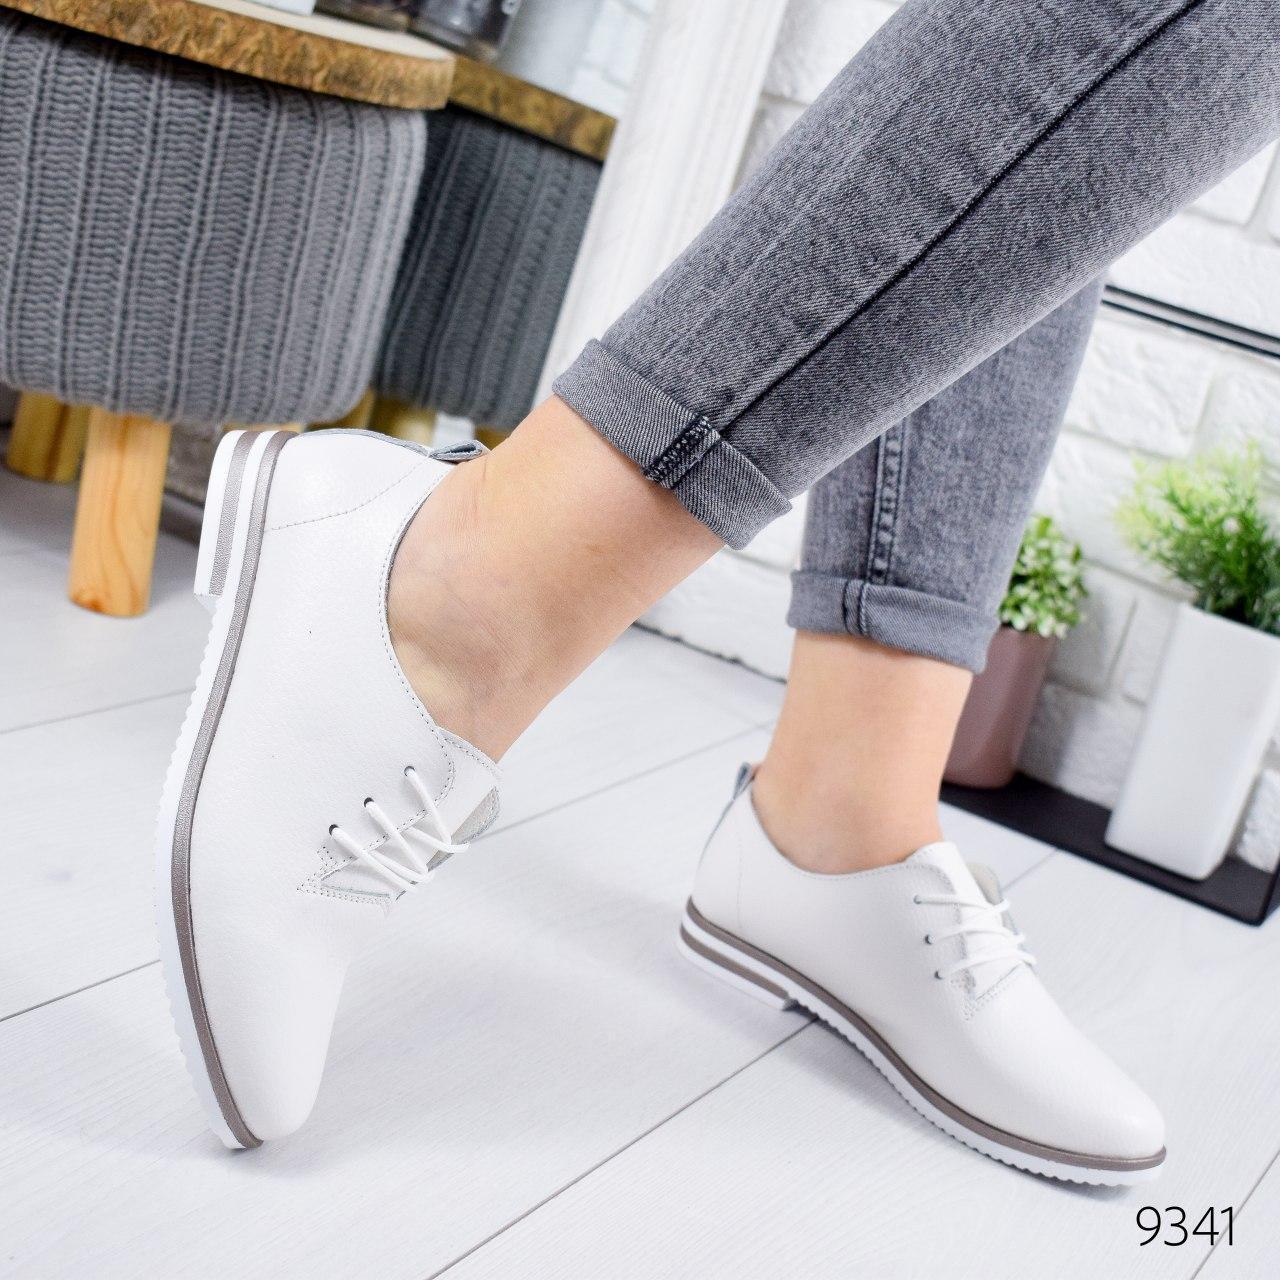 Туфли женские на ровном ходу, белого цвета из НАТУРАЛЬНОЙ КОЖИ с закрытым носком. Туфлі жіночі